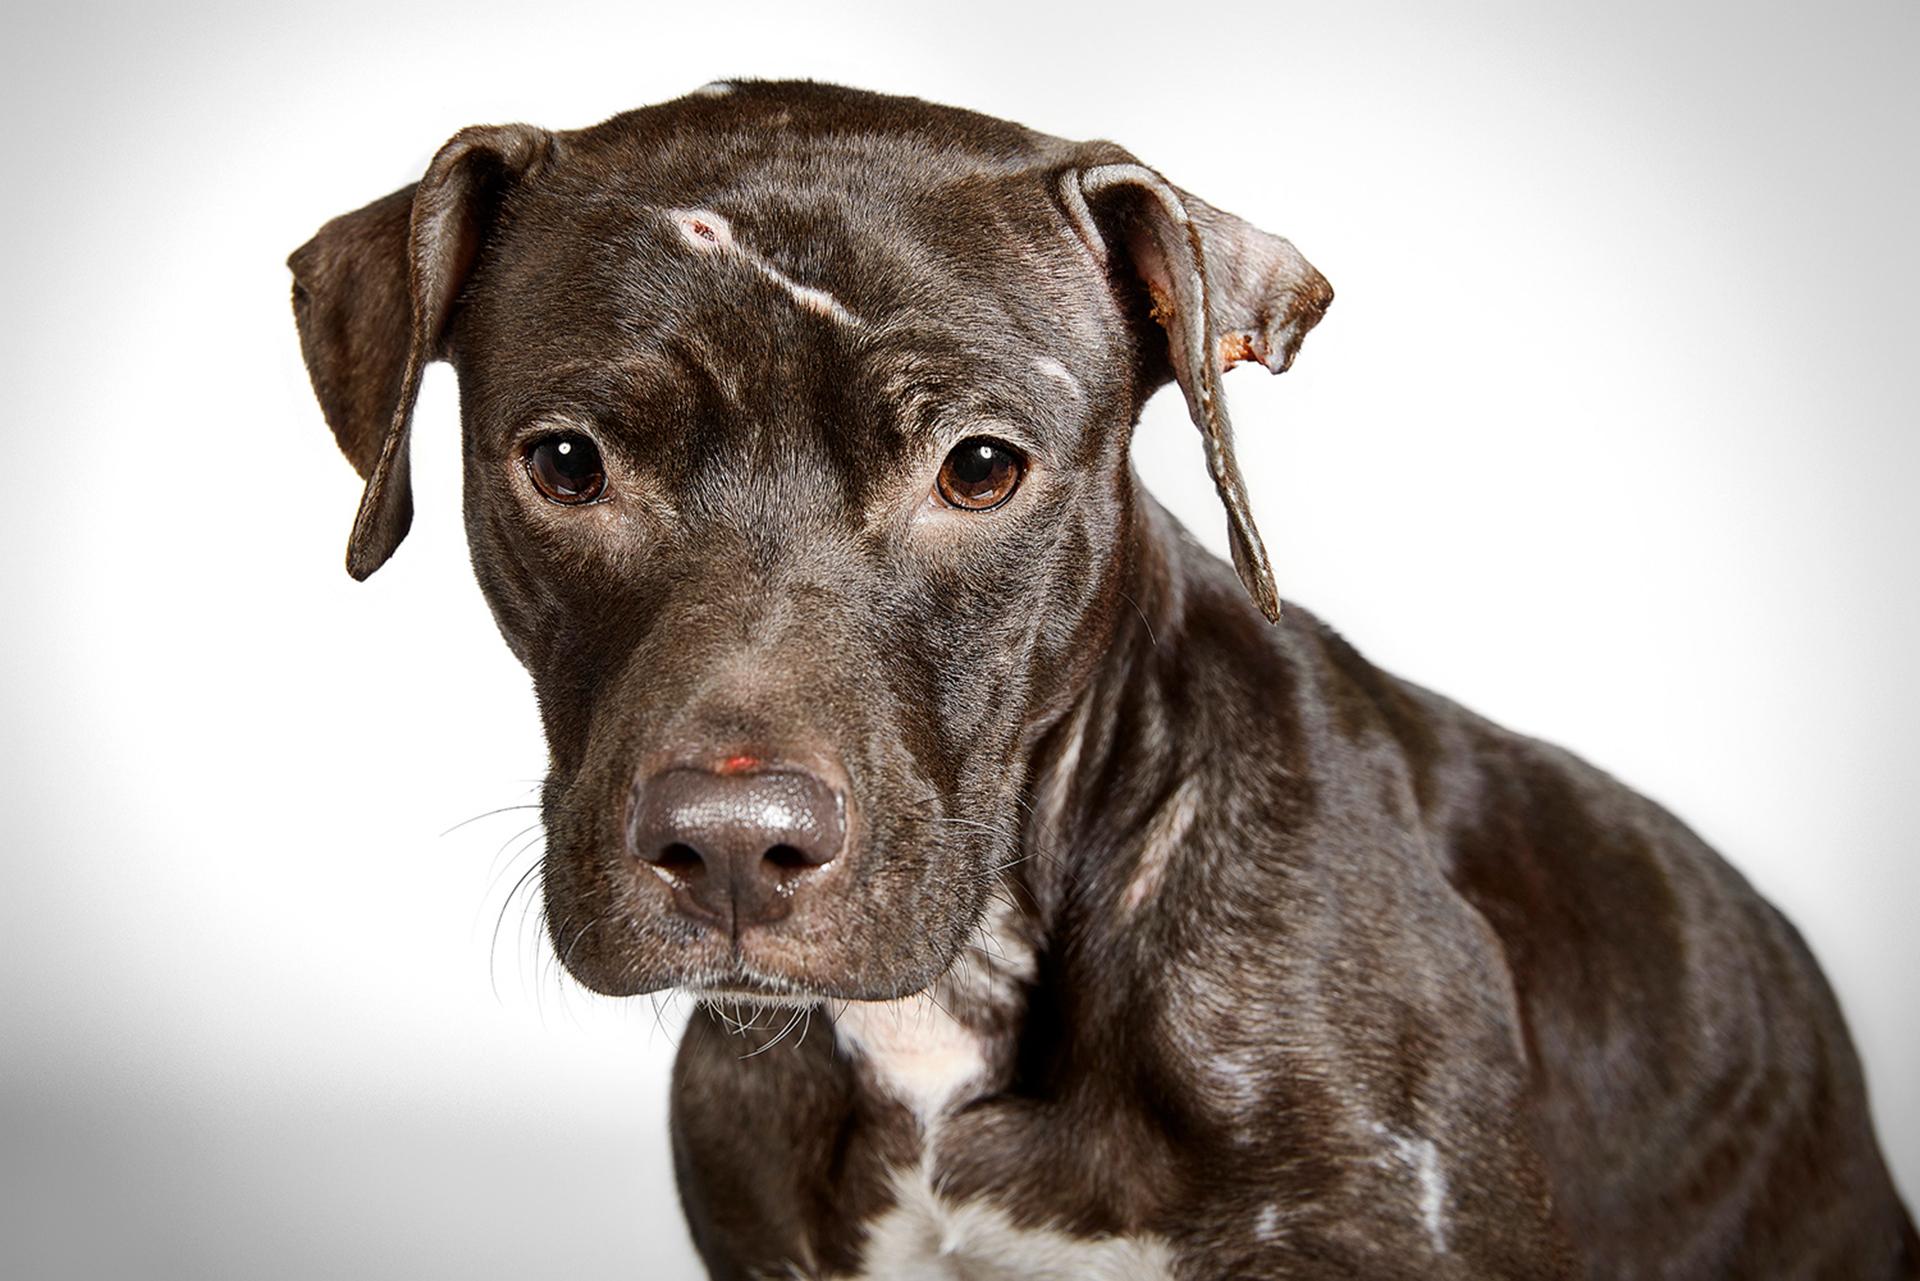 """Cuando un homeless encontró a esta perra abandonada, la cuidó durante cinco días, luego se dio cuenta de que necesitaba atención médica y un hogar estable. Chelsea llegó a HSNY con lastimaduras inexplicables en la cabeza y el cuerpo. No había ninguna pista sobre su vida pasada, pero puede haber sido usada como un """"perro de cebo"""", en peleas caninas ilegales. Después de un extenso tratamiento, Chelsea recuperó su personalidad extrovertida y juguetona. Jennifer y Adam y la llevaron a su casa en Jersey City"""